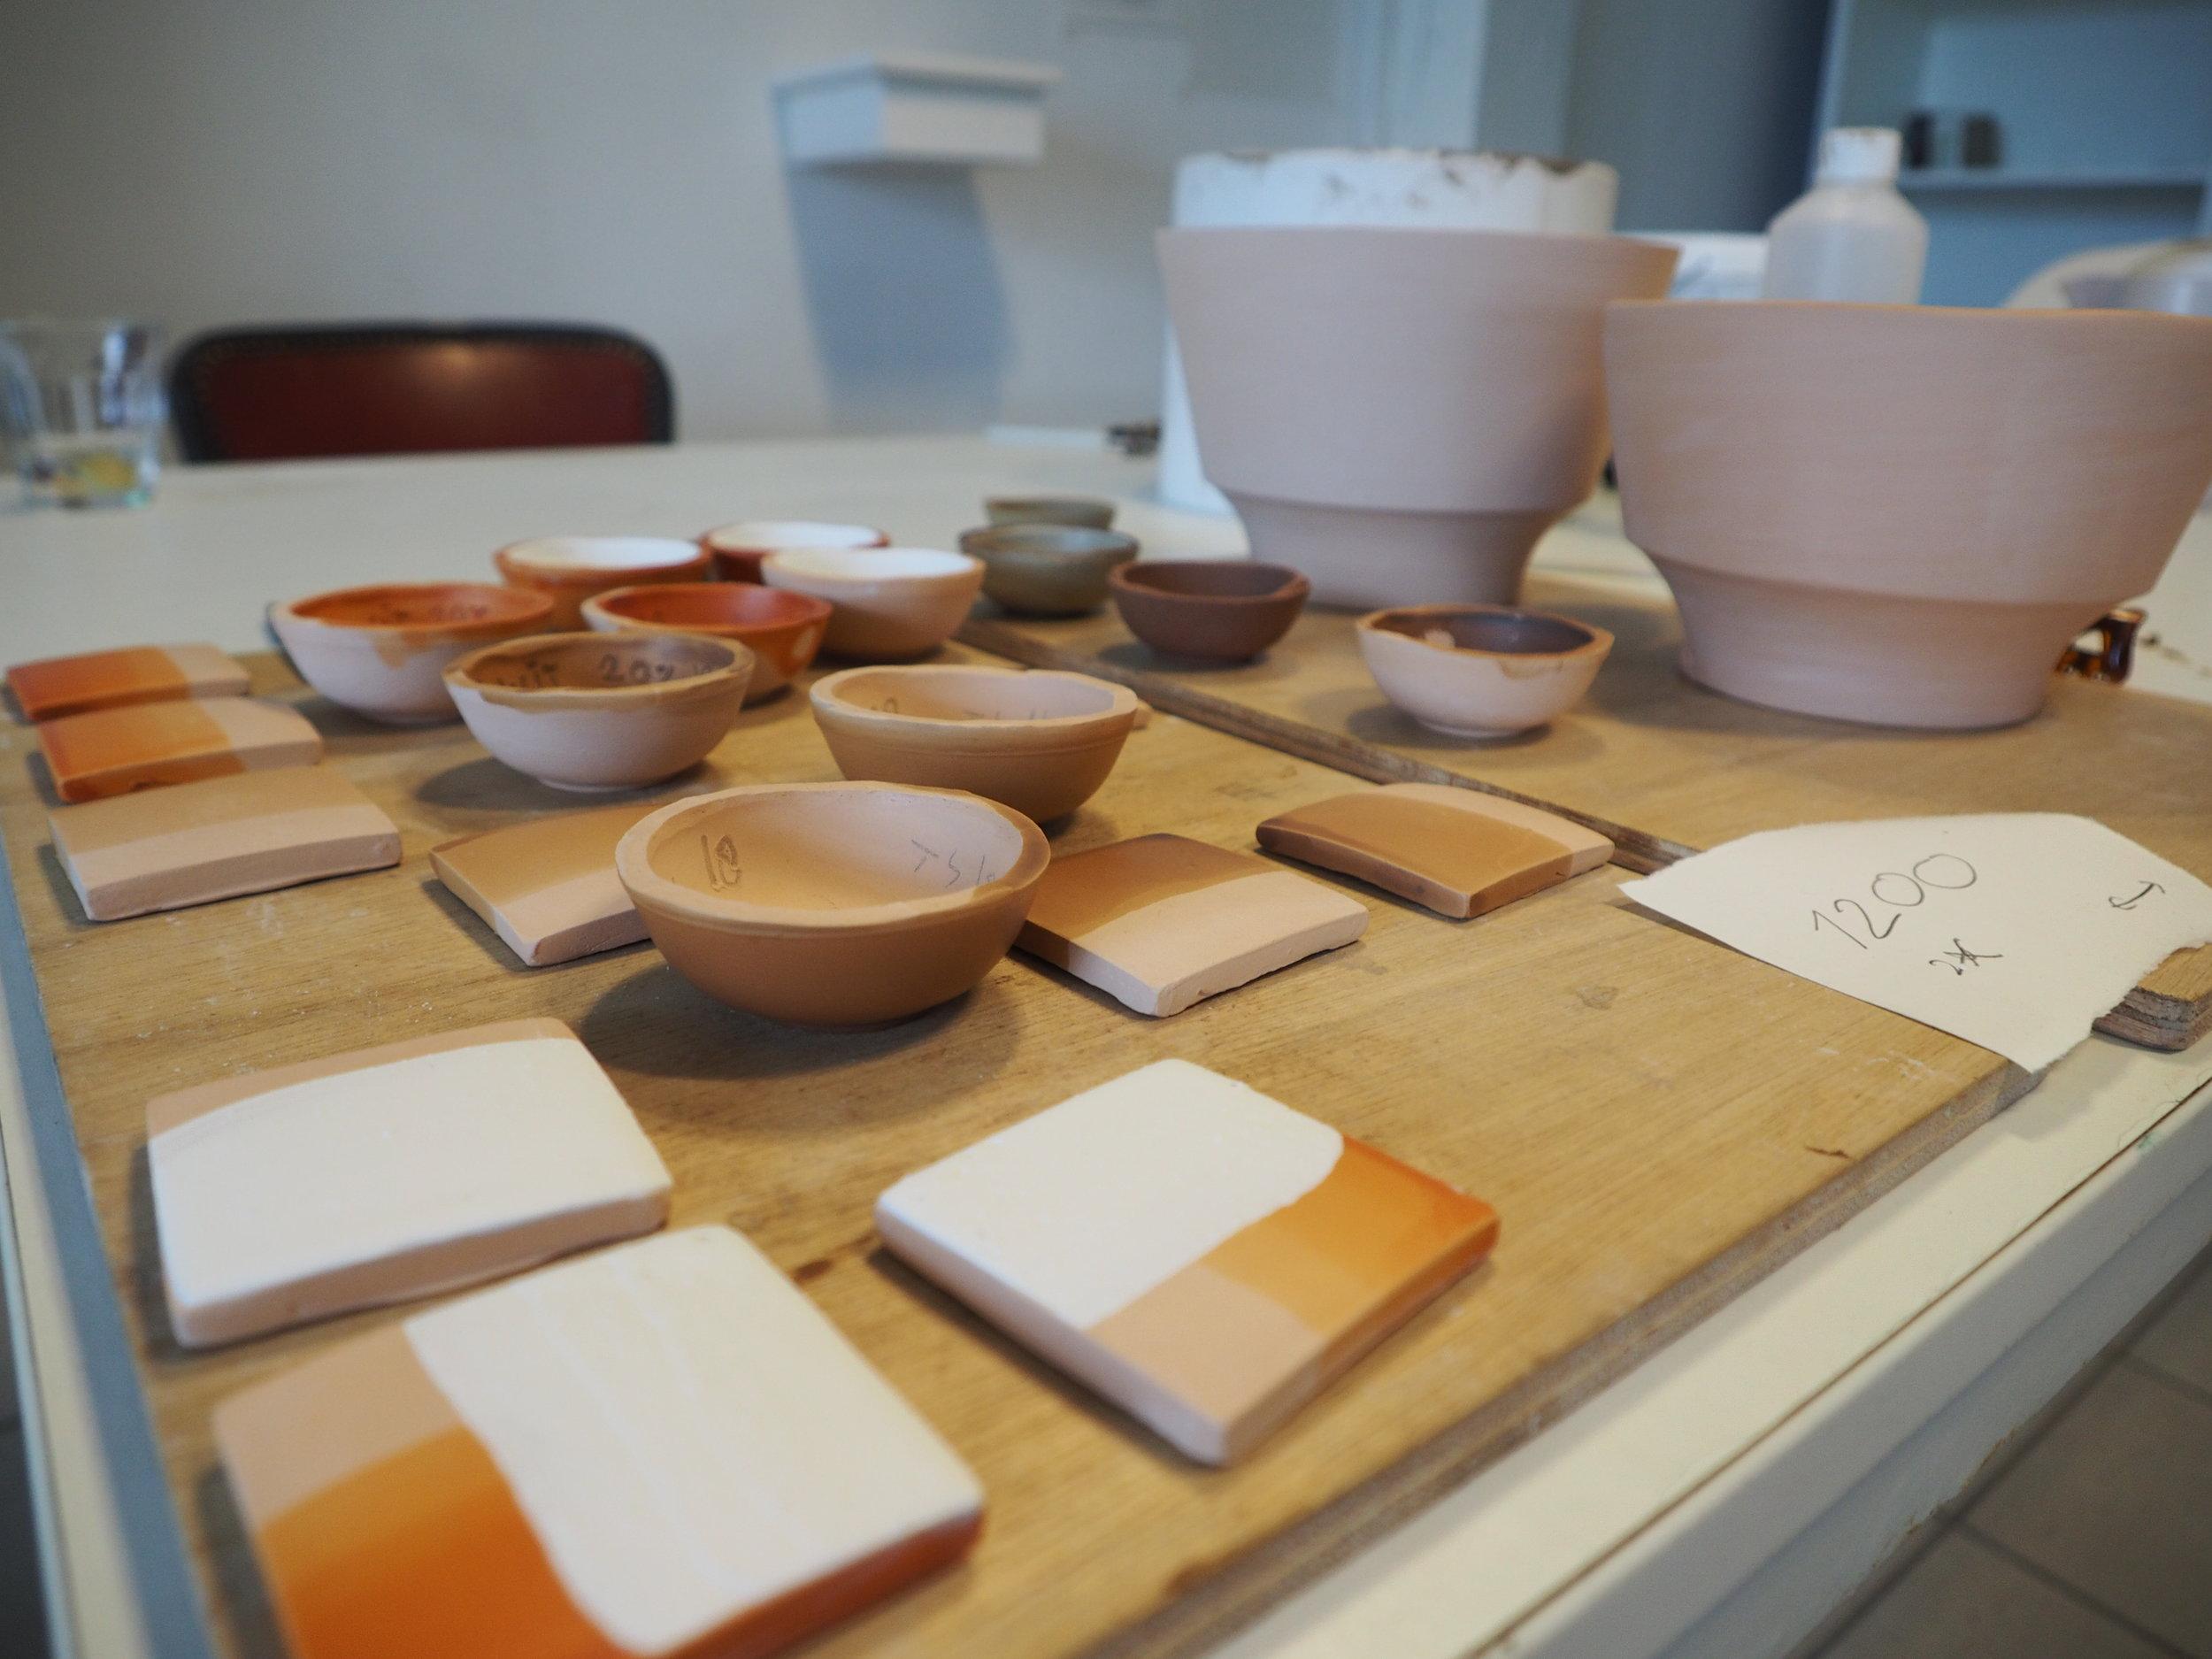 Studio Billie van Katwijk_Nieuw Veld_by Sophie Tine (2).JPG